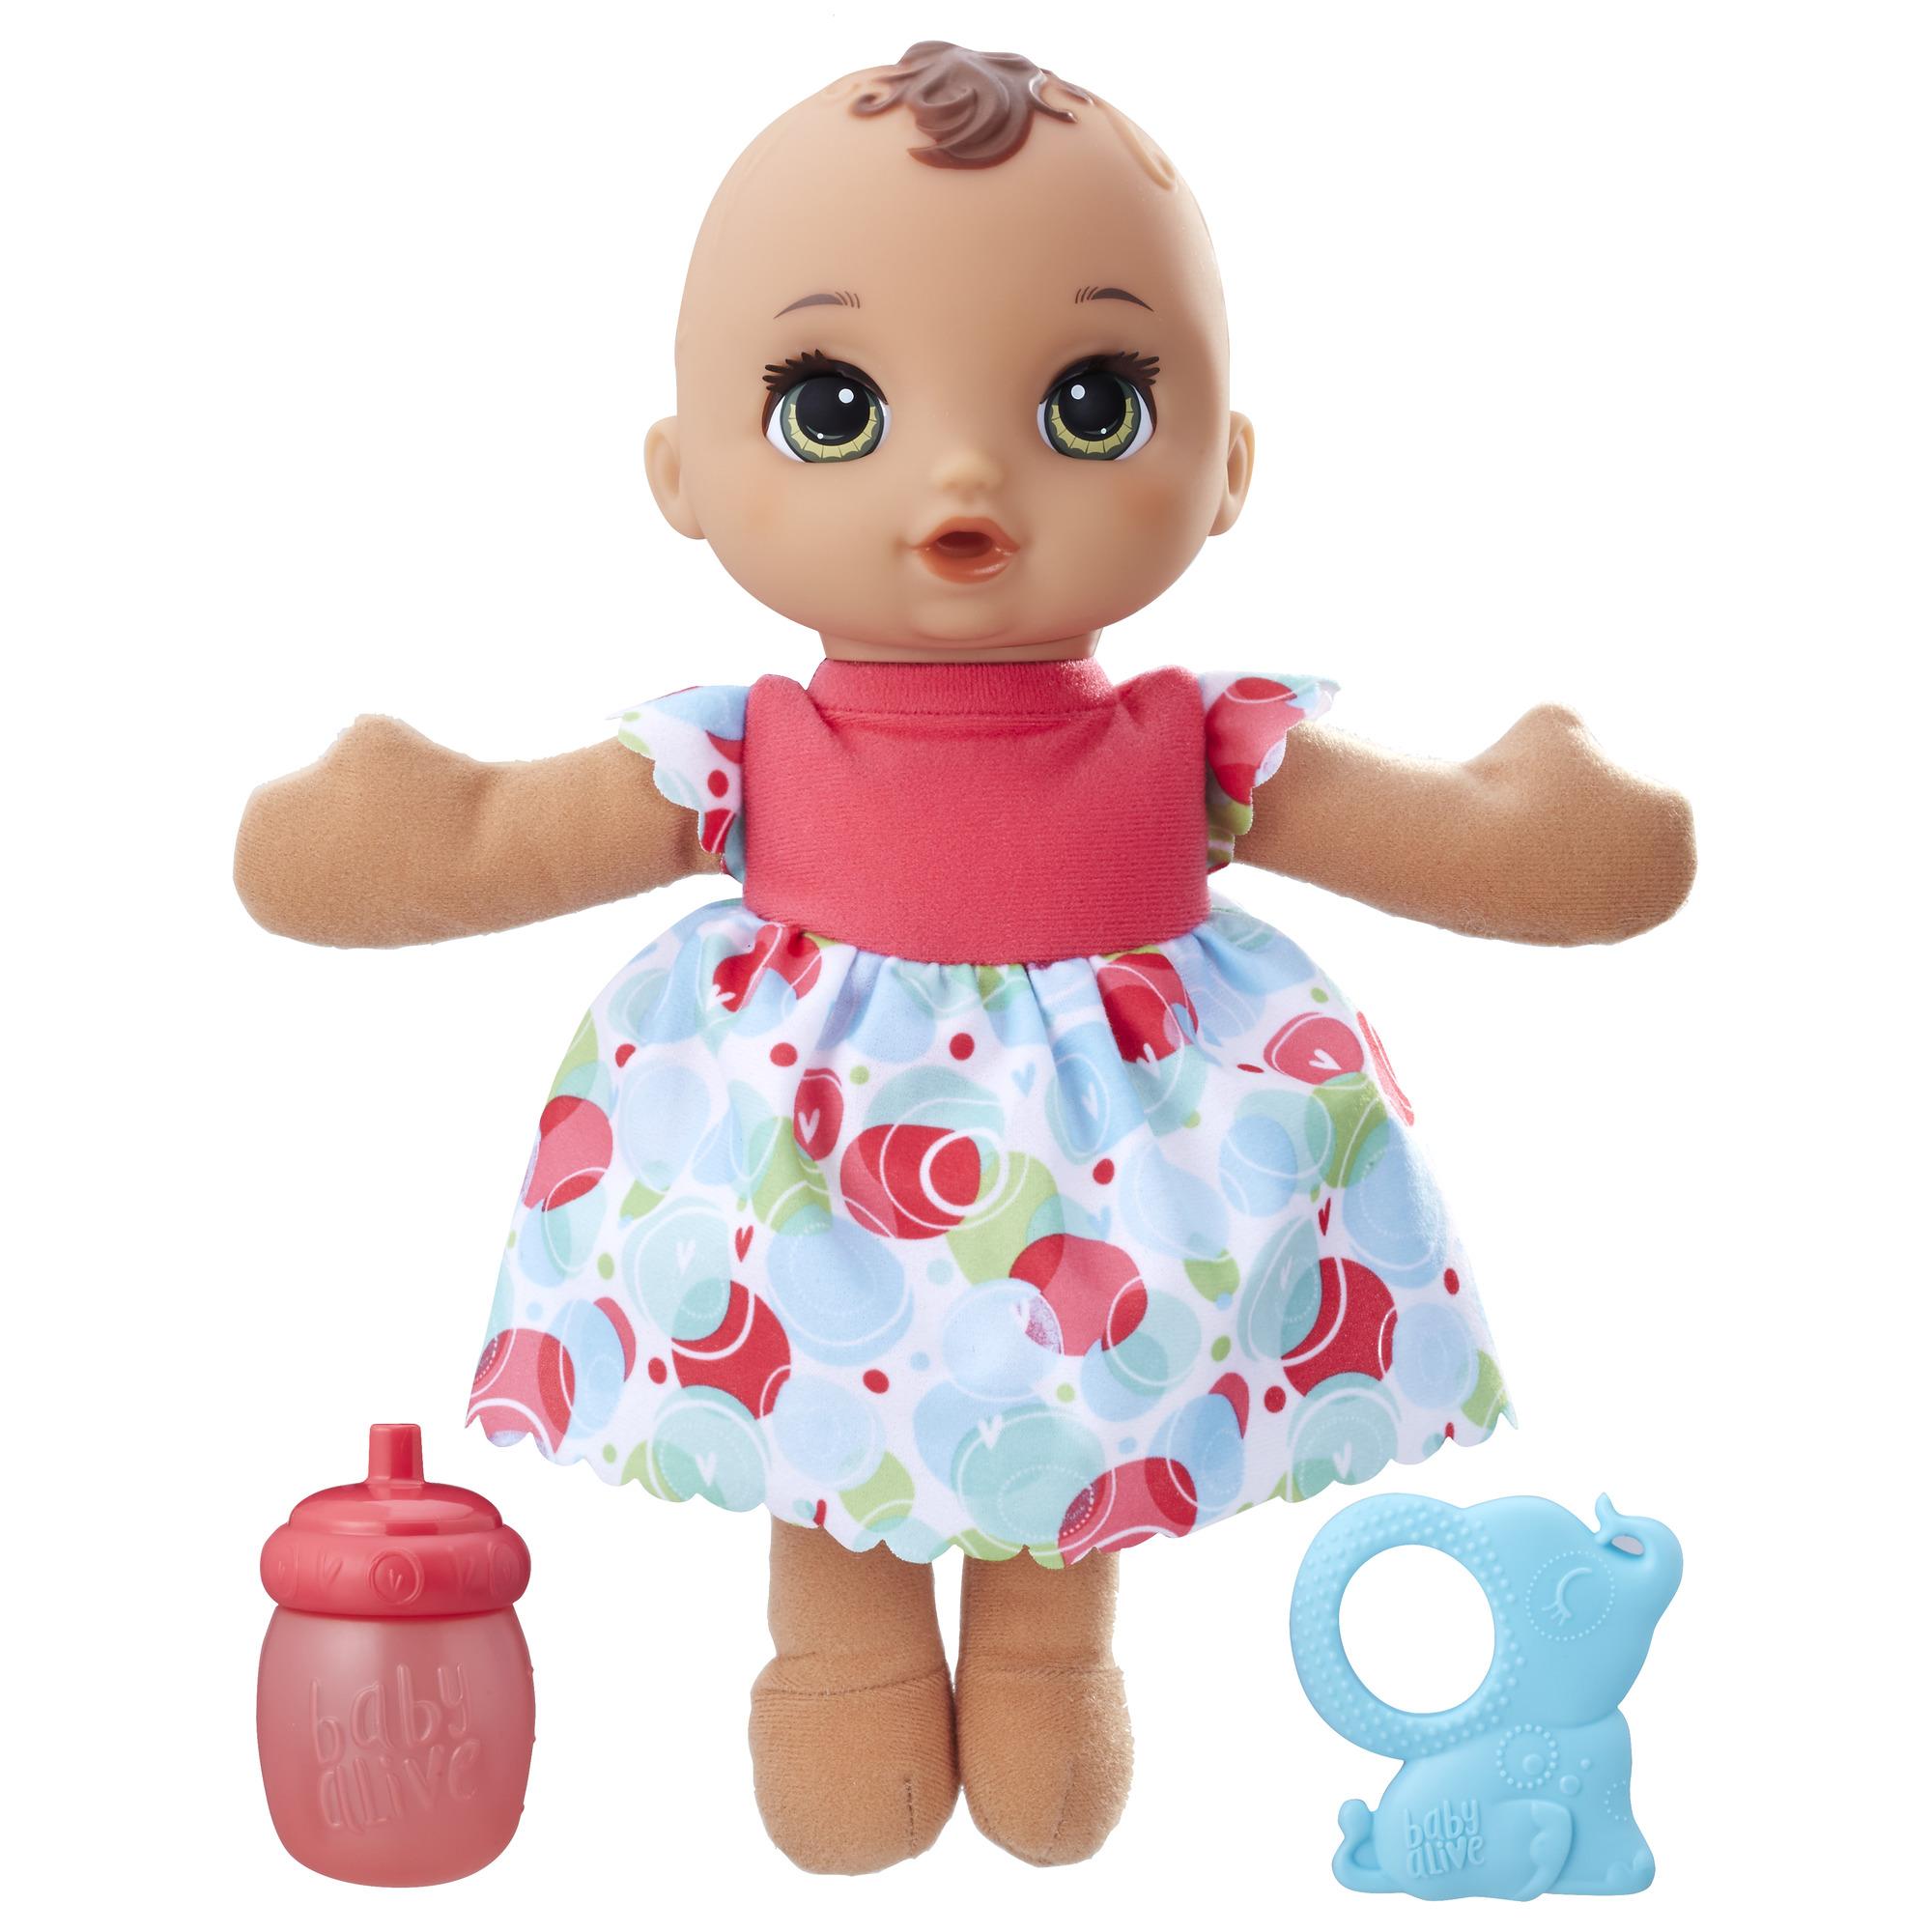 Baby Alive Lil' Slumbers (Brunette) PartNumber: 004W003608856001P KsnValue: 3608856 MfgPartNumber: B9721.AS0